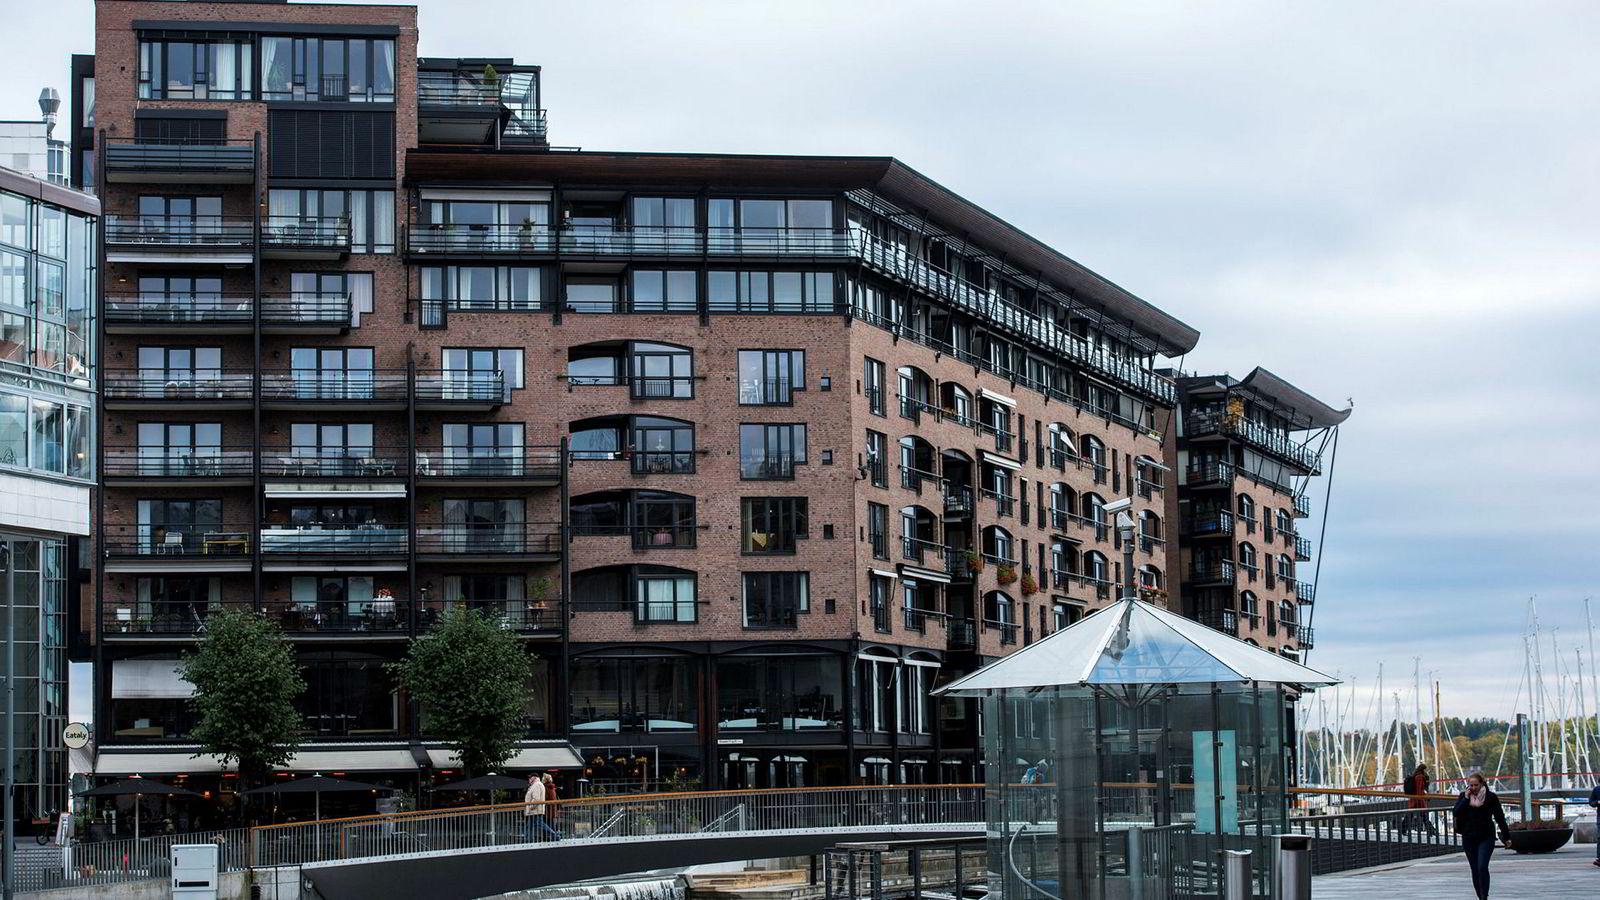 Vi forventer at en leilighet på Aker Brygge vil ha en høy verdi også om 100 år. Når renten er så lav som nå, vil prisen på en leilighet på Aker Brygge også reflektere denne fremtidige verdien, skriver forfatteren.